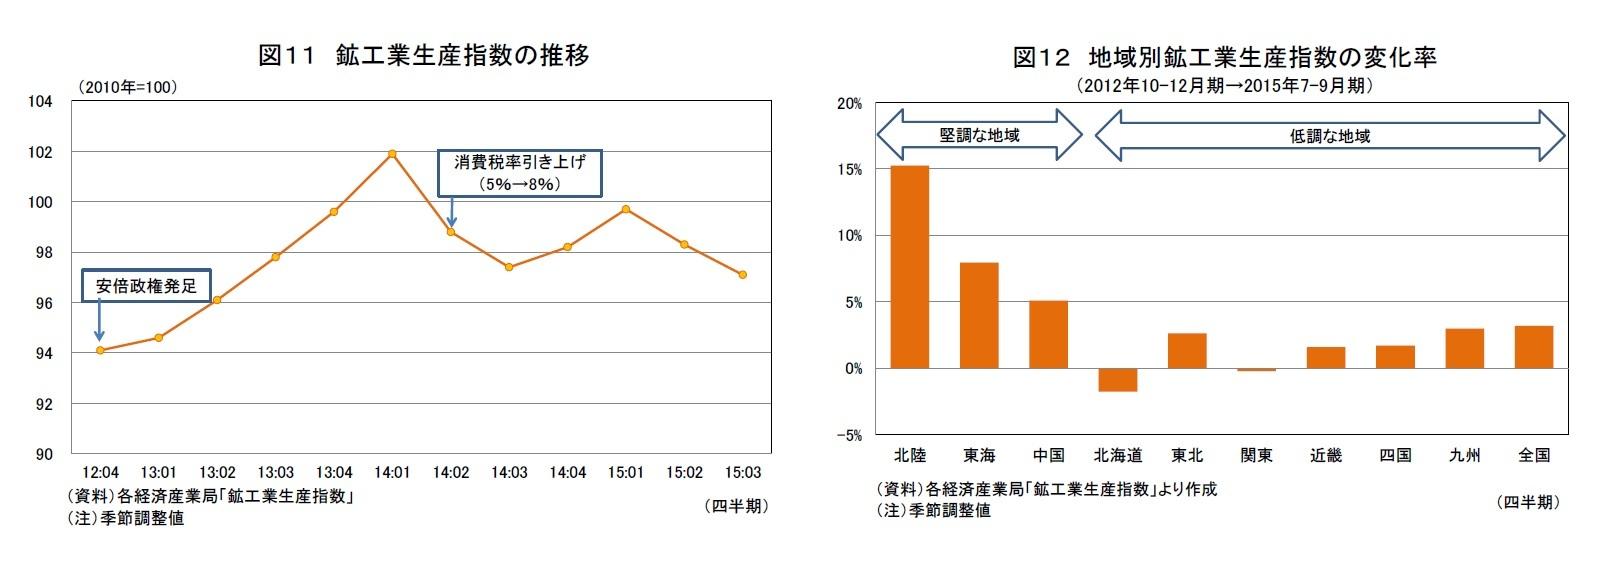 図11 鉱工業生産指数の推移/図12 地域別鉱工業生産指数の変化率(2012年10-12月期→2015年7-9月期)